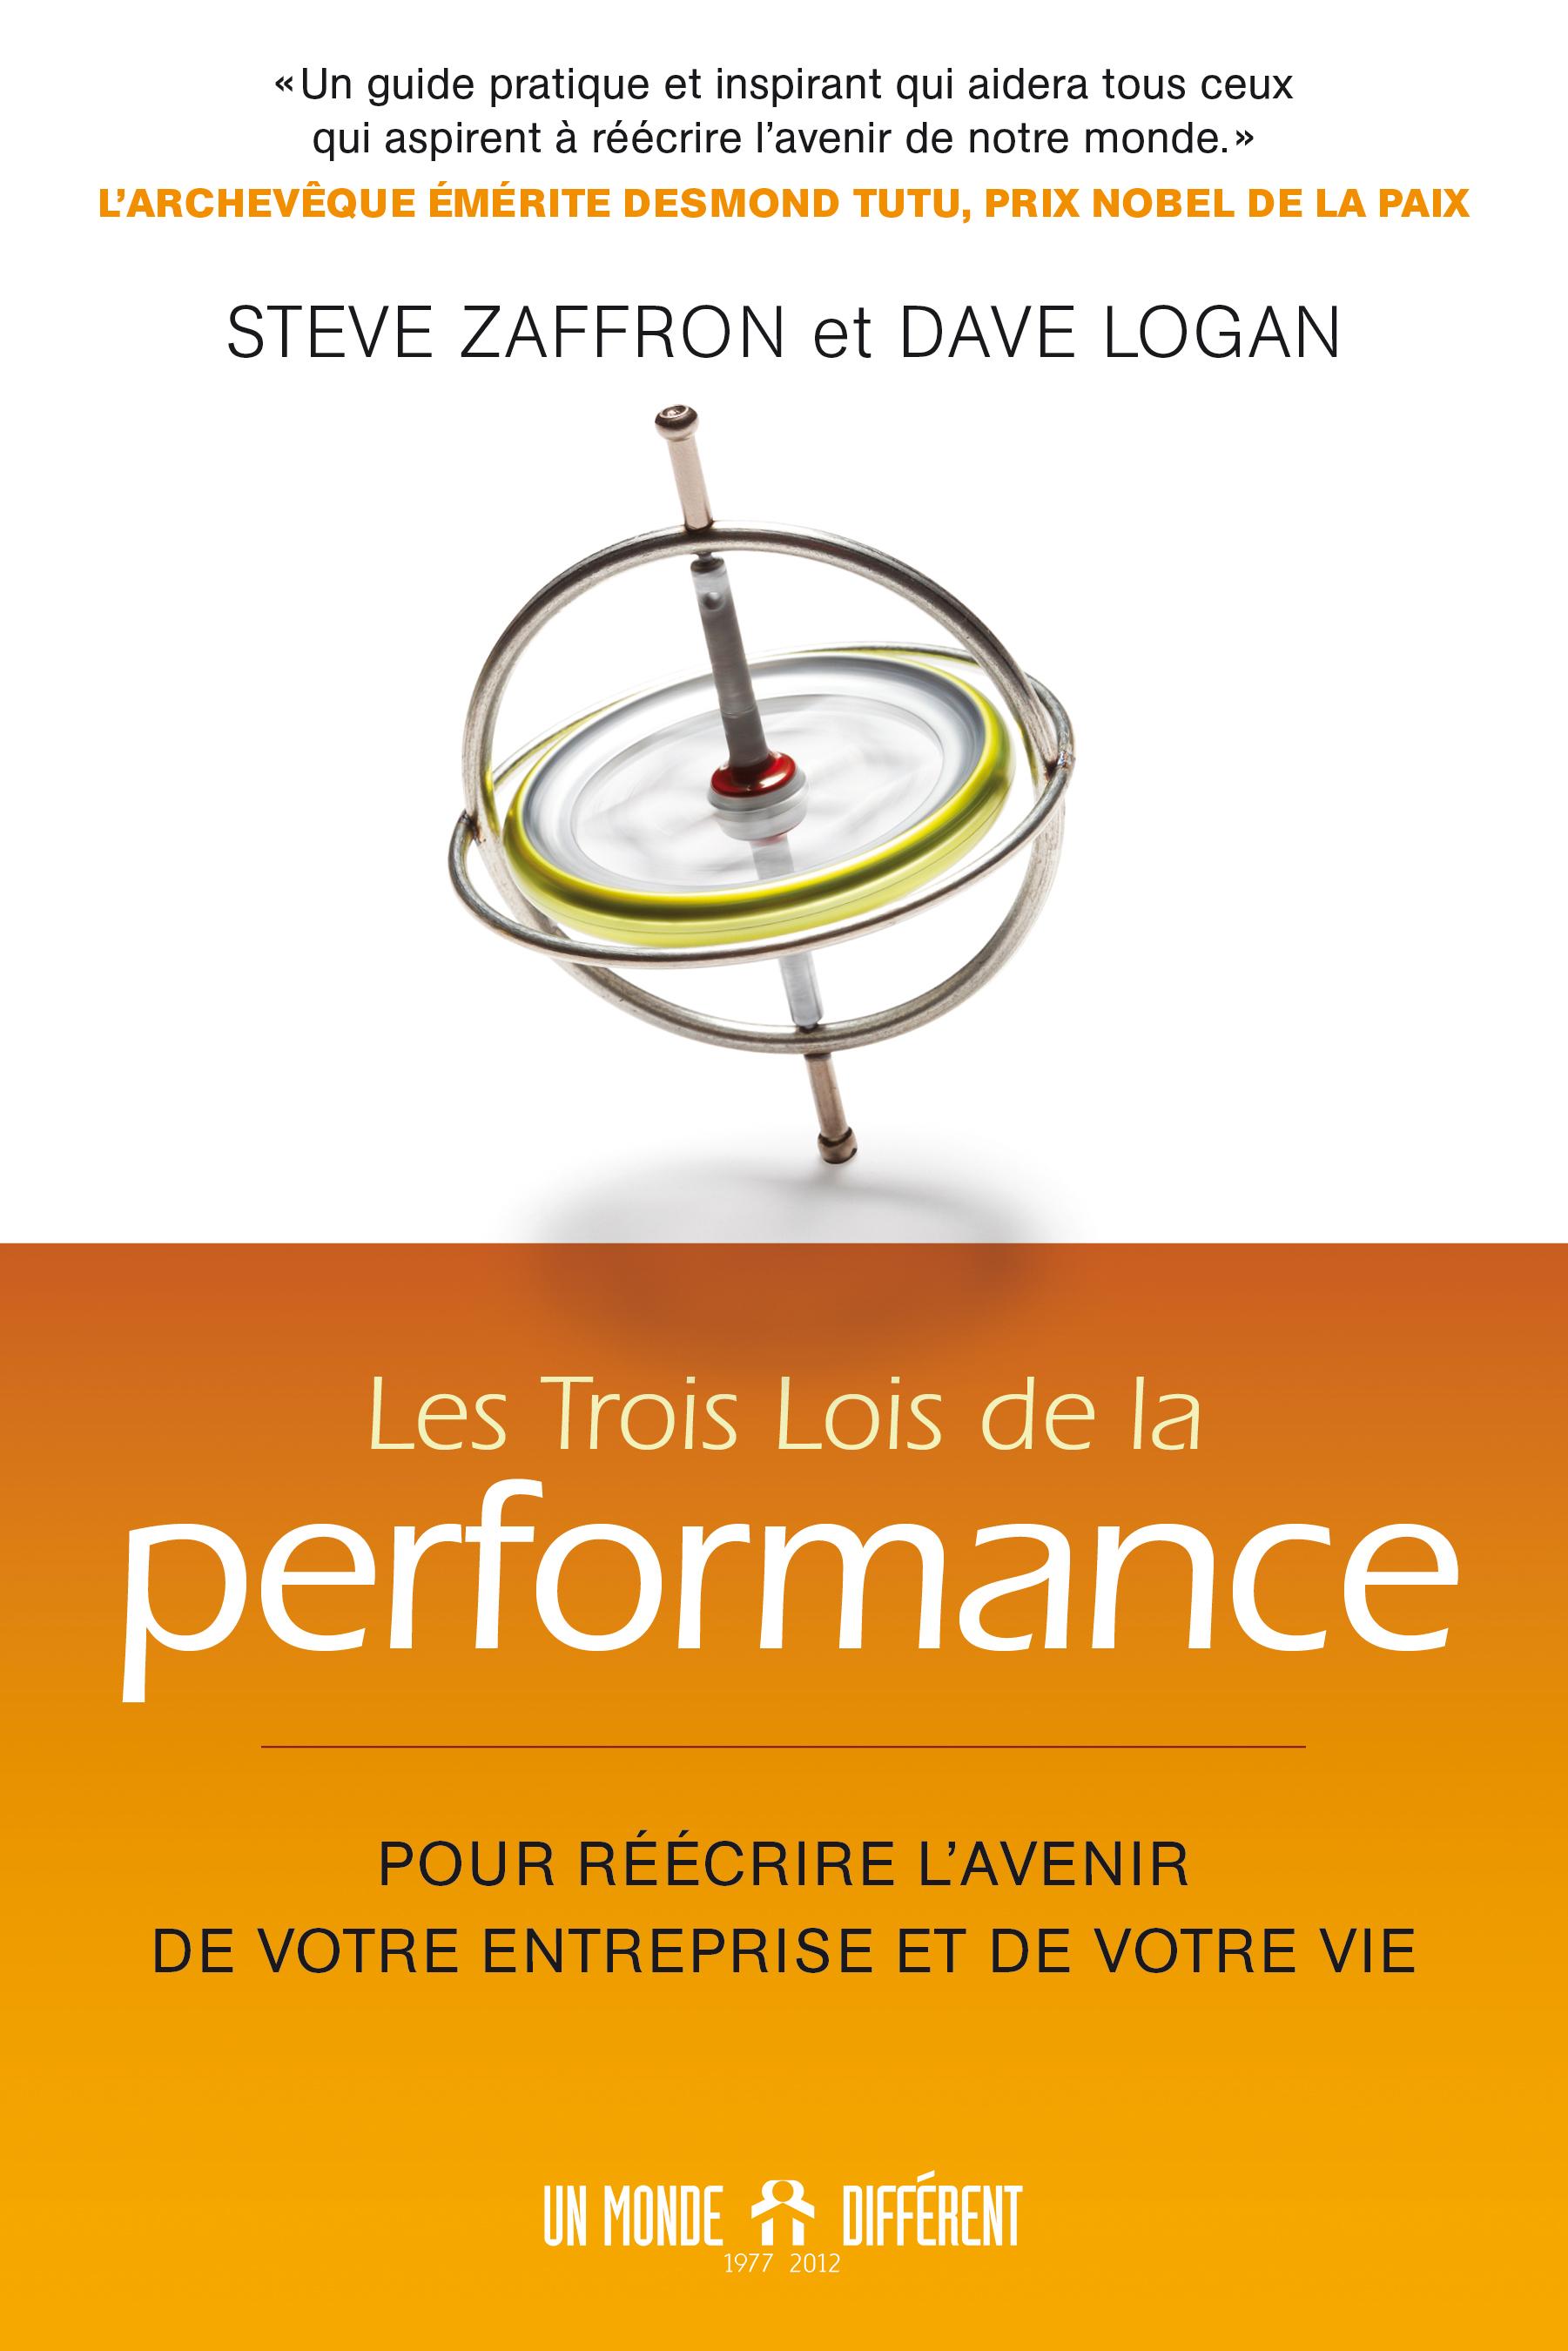 TROIS LOIS DE LA PERFORMANCE (LES)